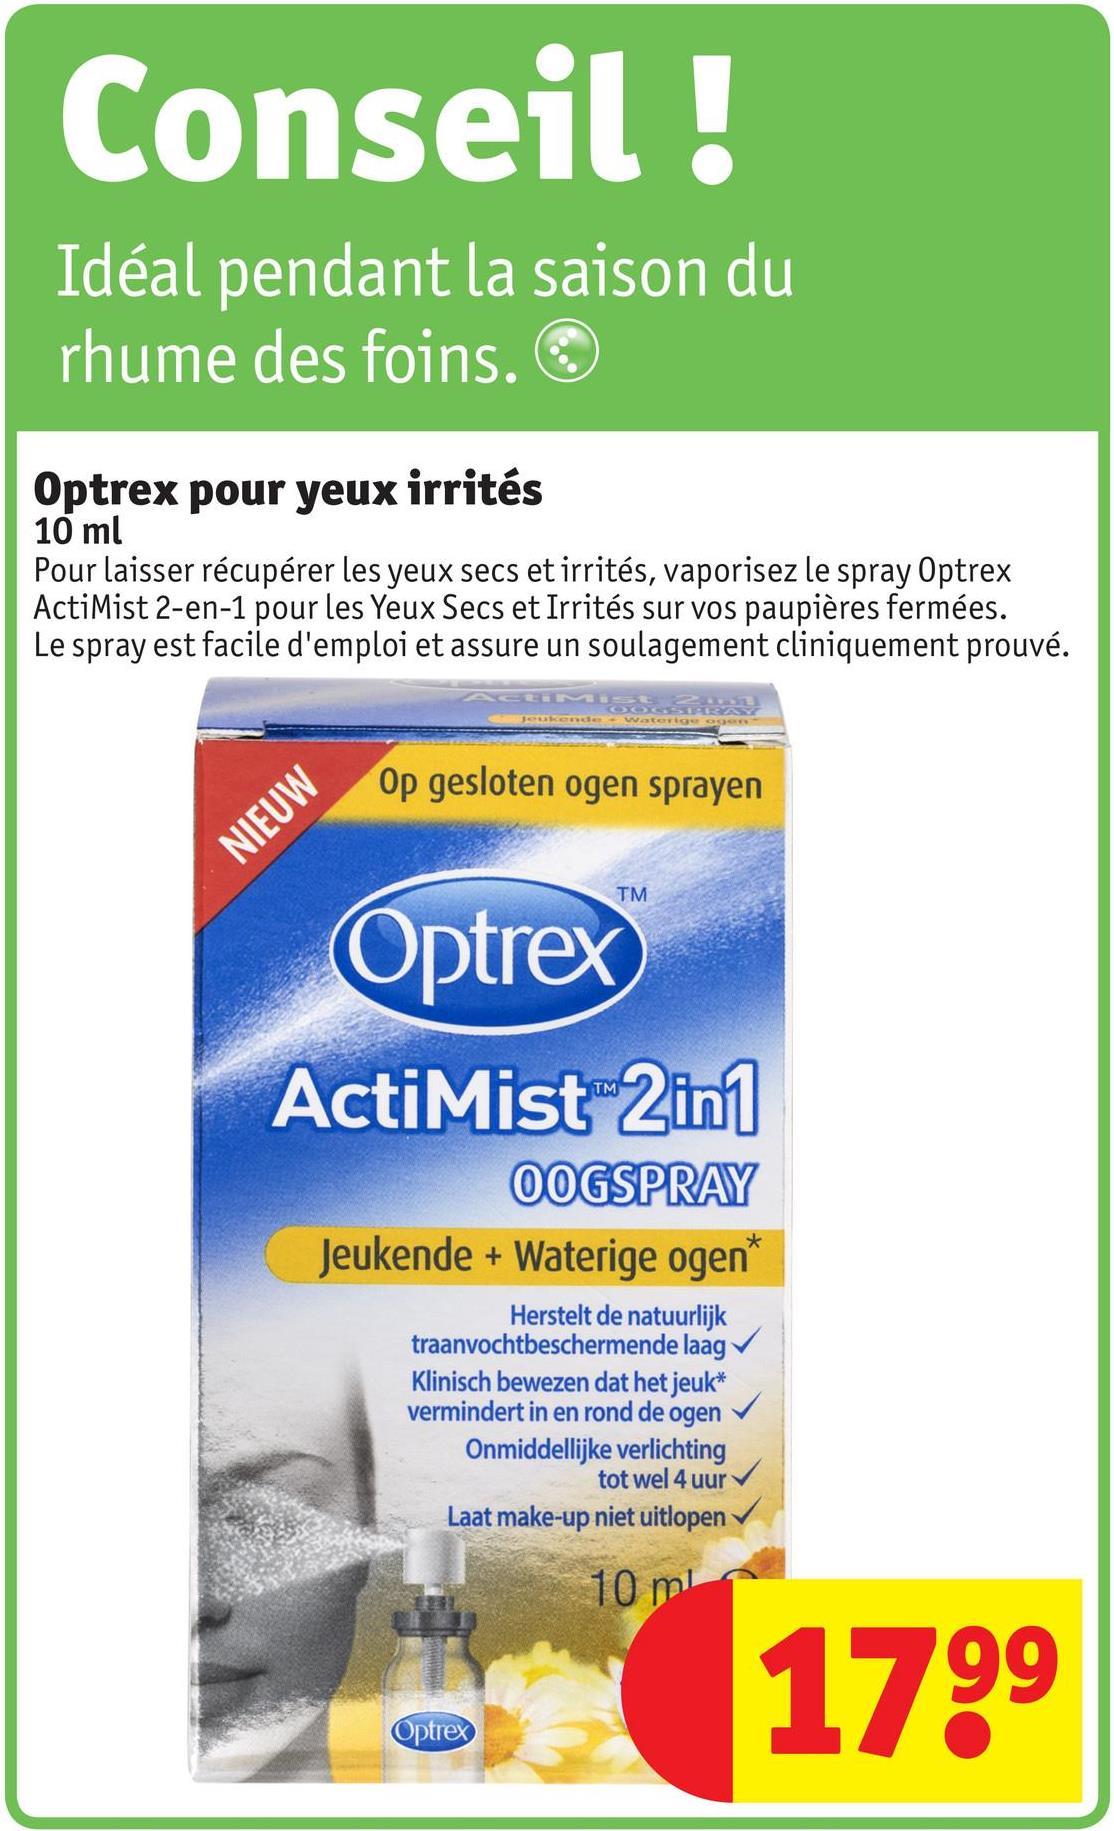 Conseil ! Idéal pendant la saison du rhume des foins. ☺ Optrex pour yeux irrités 10 ml Pour laisser récupérer les yeux secs et irrités, vaporisez le spray Optrex ActiMist 2-en-1 pour les Yeux Secs et Irrités sur vos paupières fermées. Le spray est facile d'emploi et assure un soulagement cliniquement prouvé. Op gesloten ogen sprayen NIEUW TM Optrex ActiMist 2in1 OOGSPRAY Jeukende + Waterige ogen* Herstelt de natuurlijk traanvochtbeschermende laag → Klinisch bewezen dat het jeuk* vermindert in en rond de ogen Onmiddellijke verlichting tot wel 4 uur Laat make-up niet uitlopen 10 ml 1799 Optrex